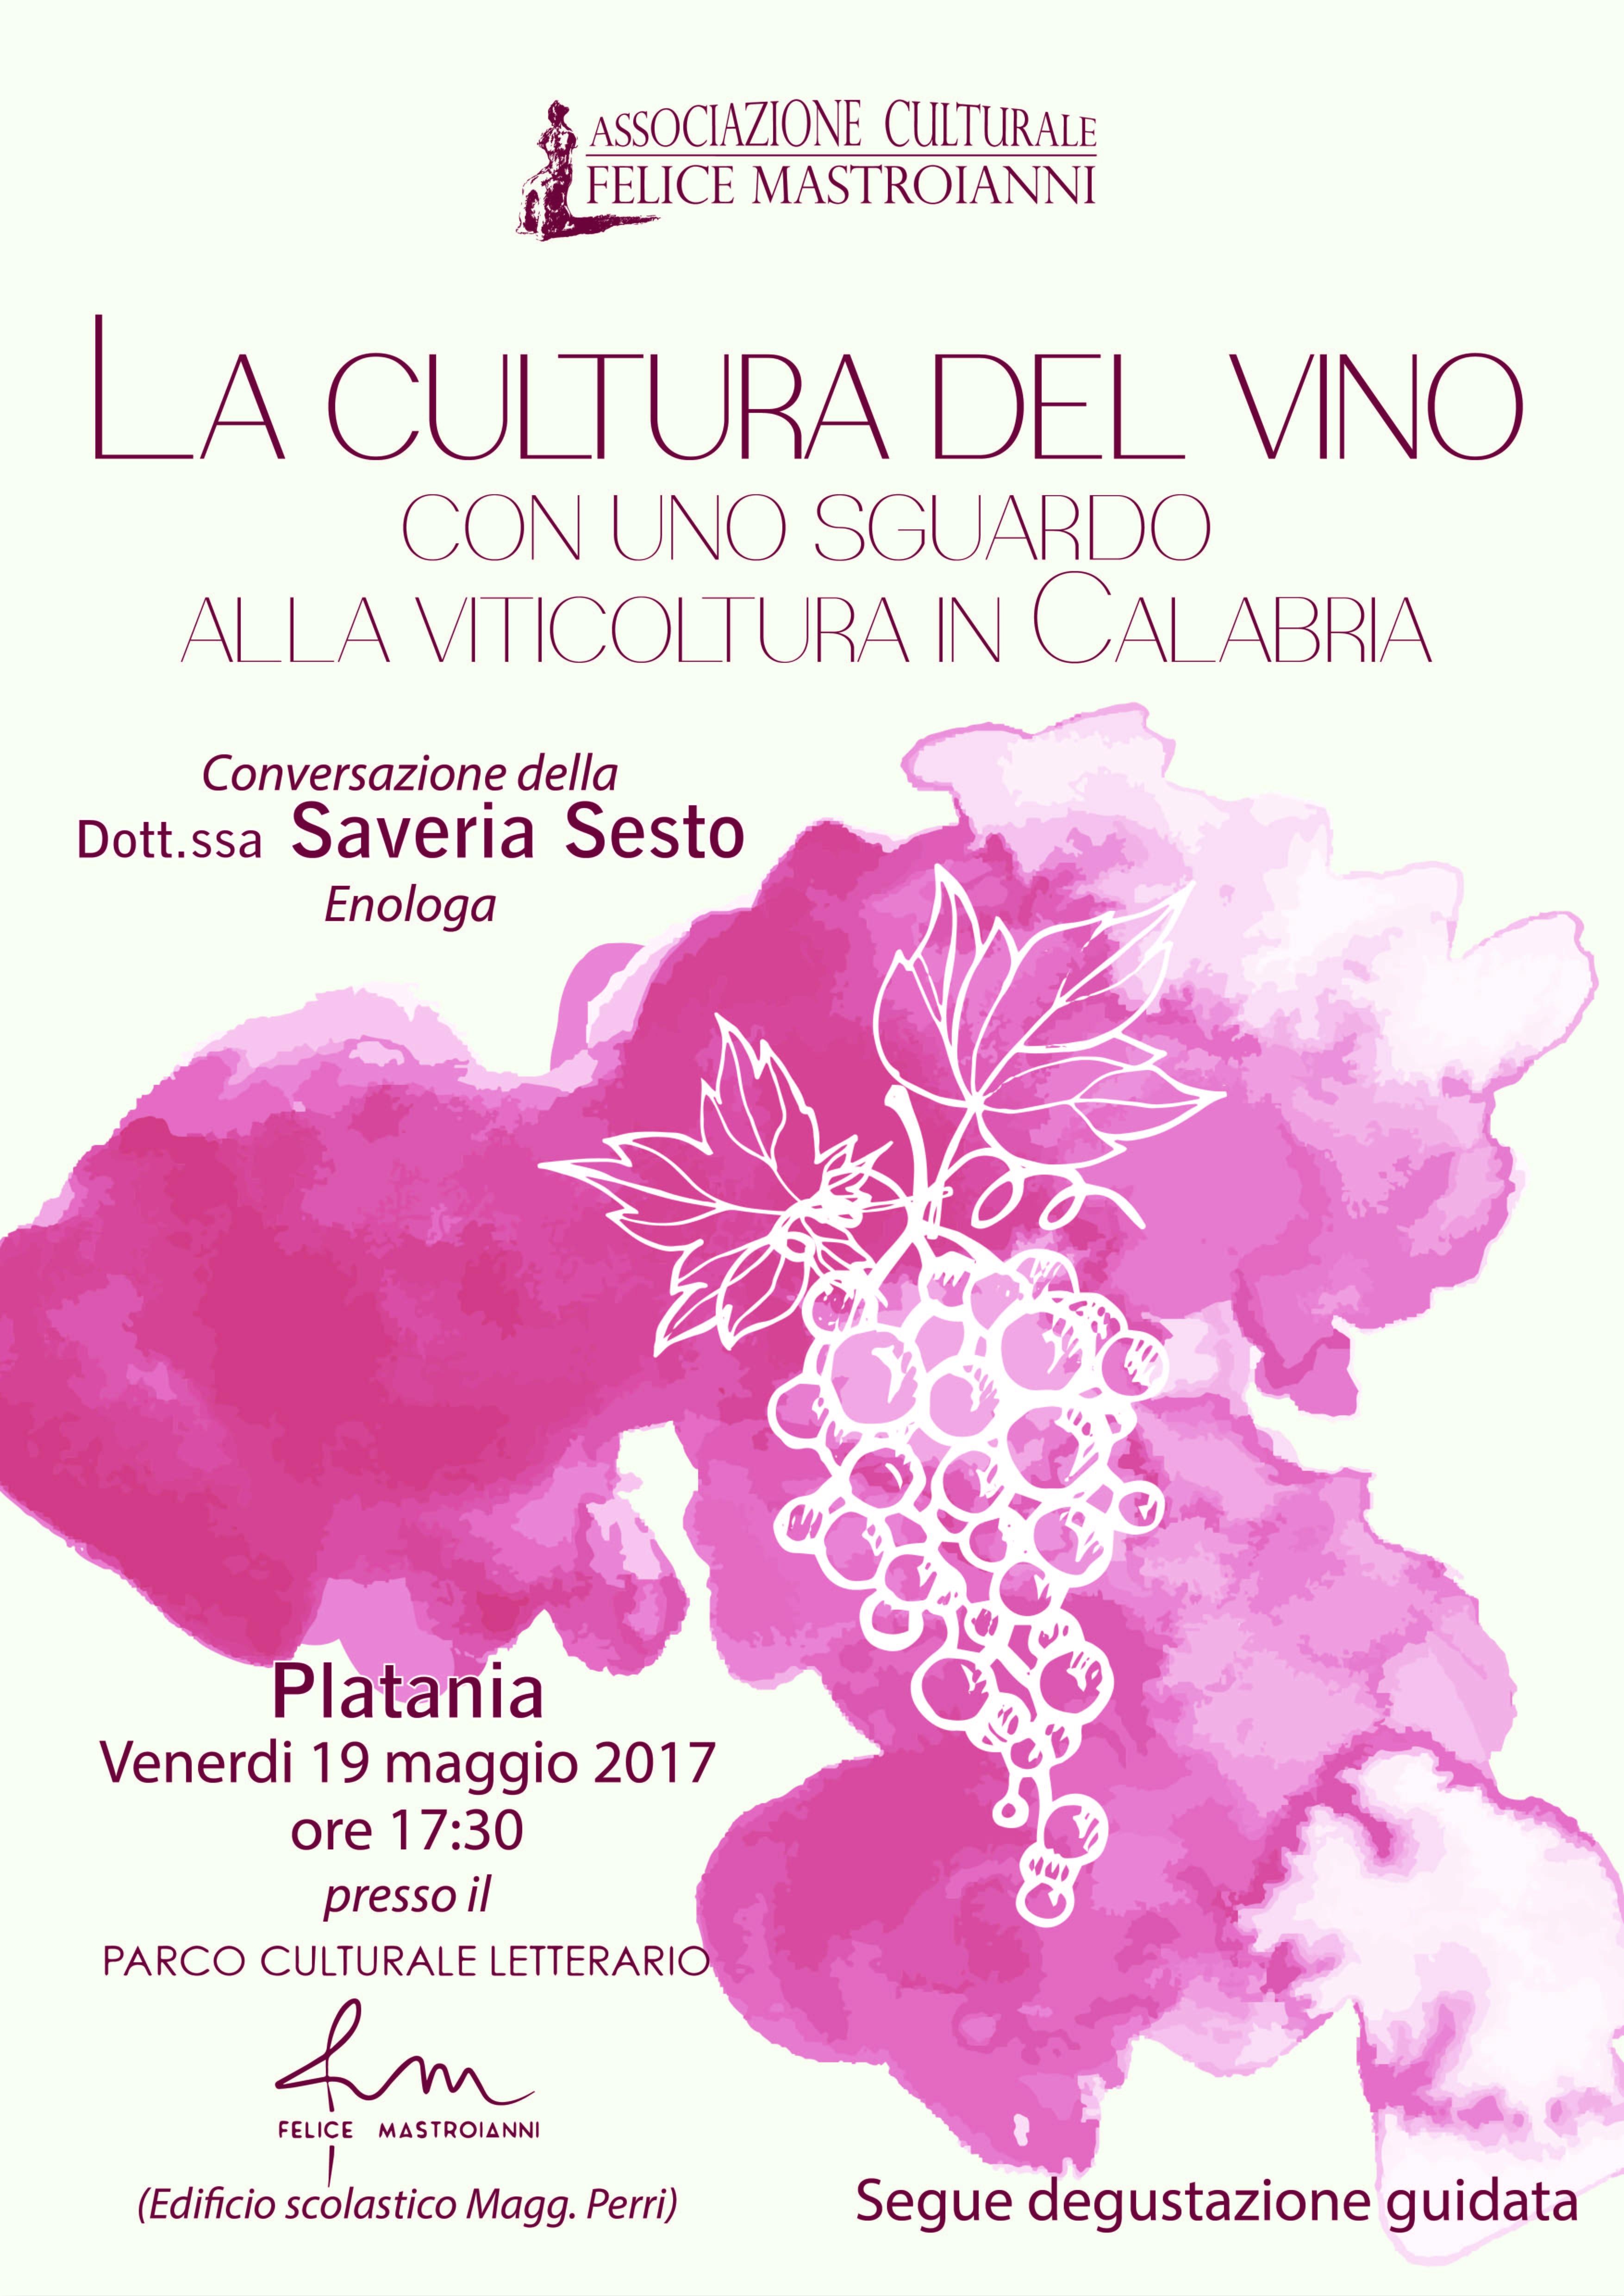 La Cultura del Vino: uno sguardo alla viticoltura in Calabria